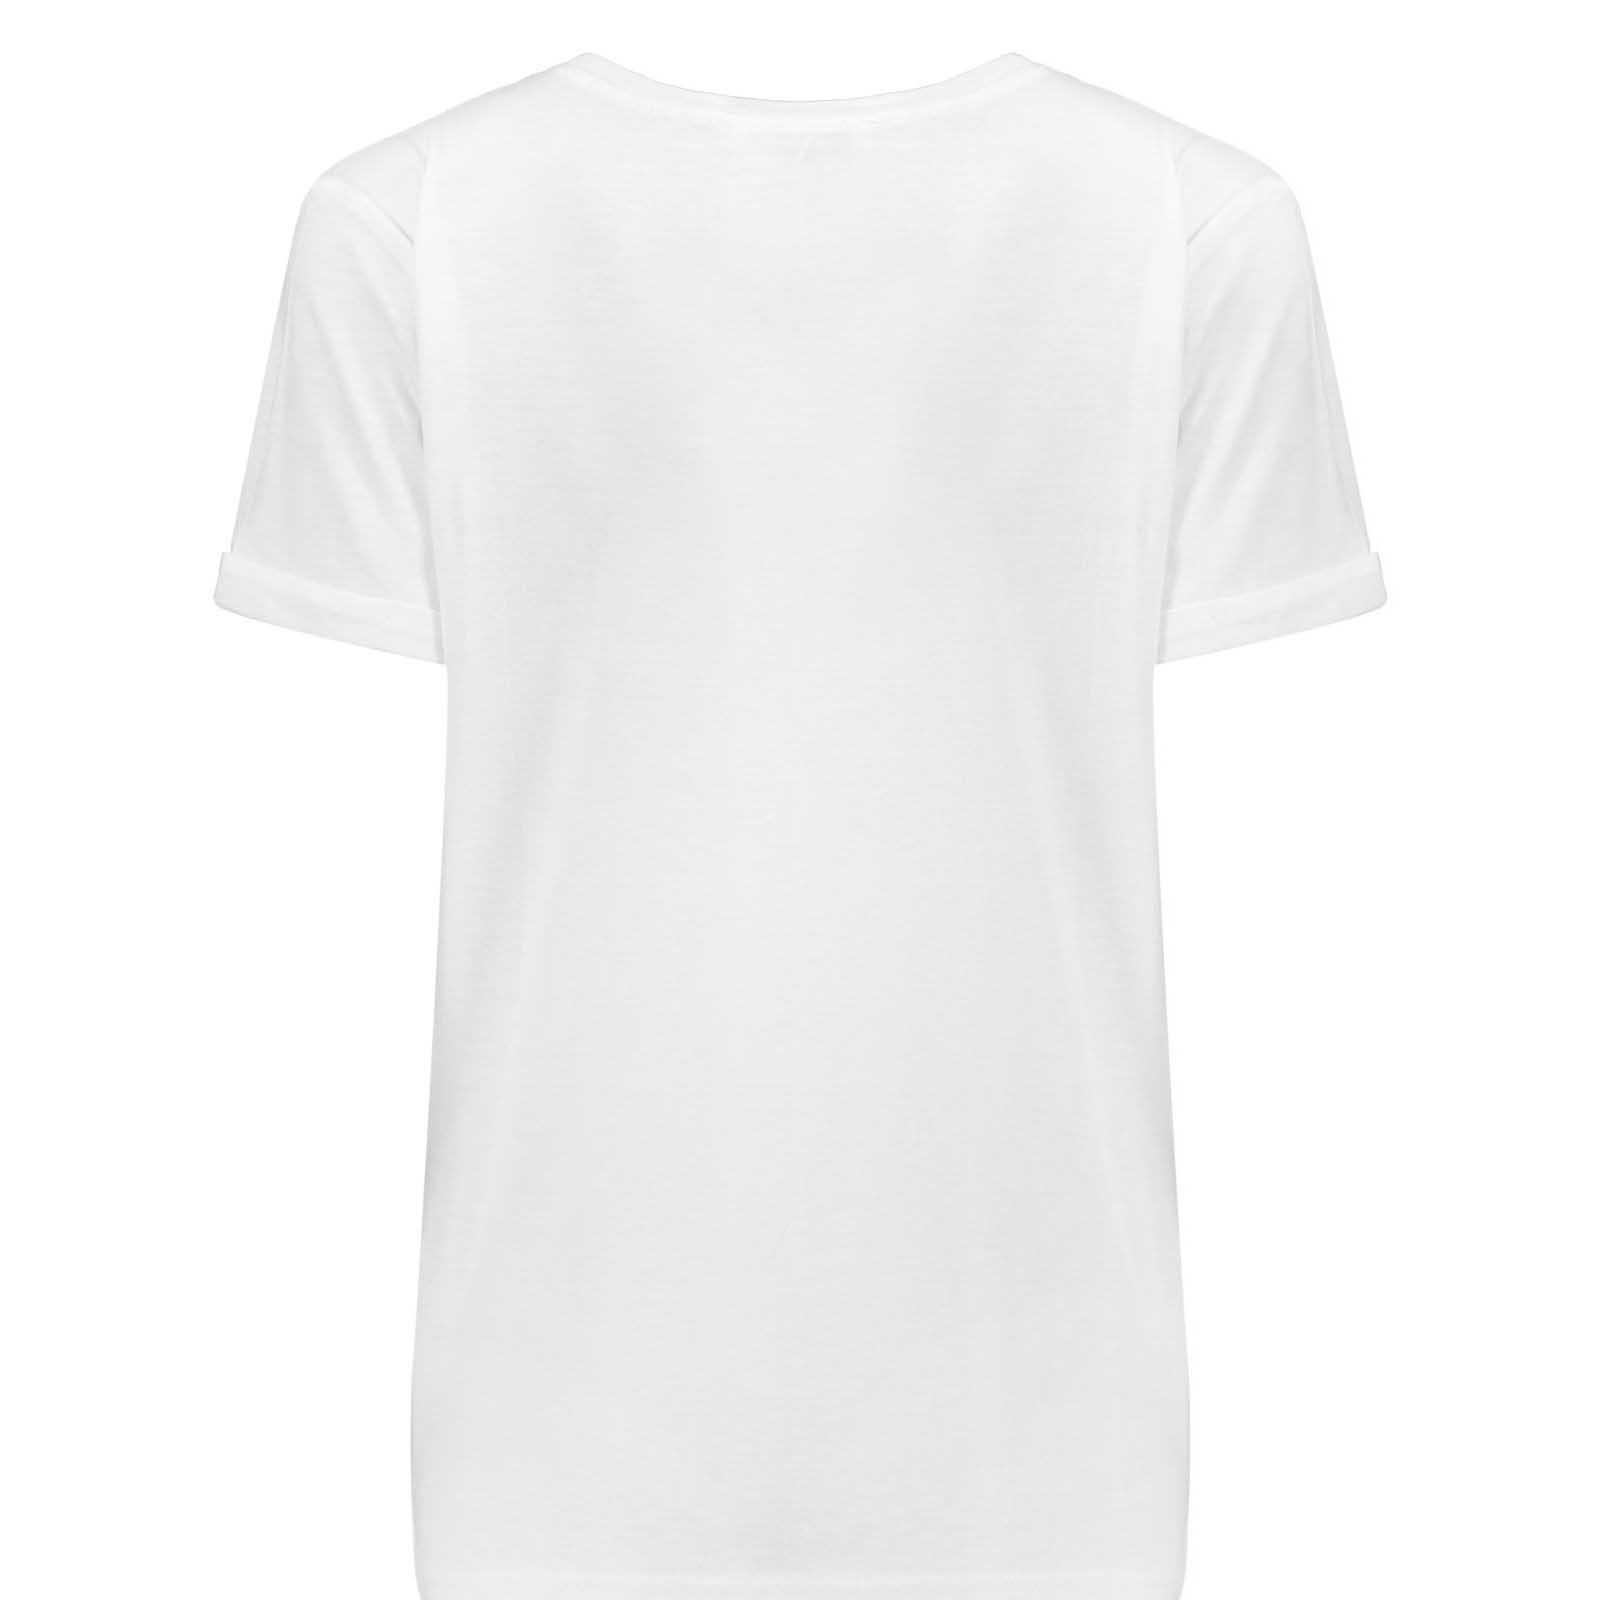 تیشرت آستین کوتاه مردانه مدل a12 رنگ سفید